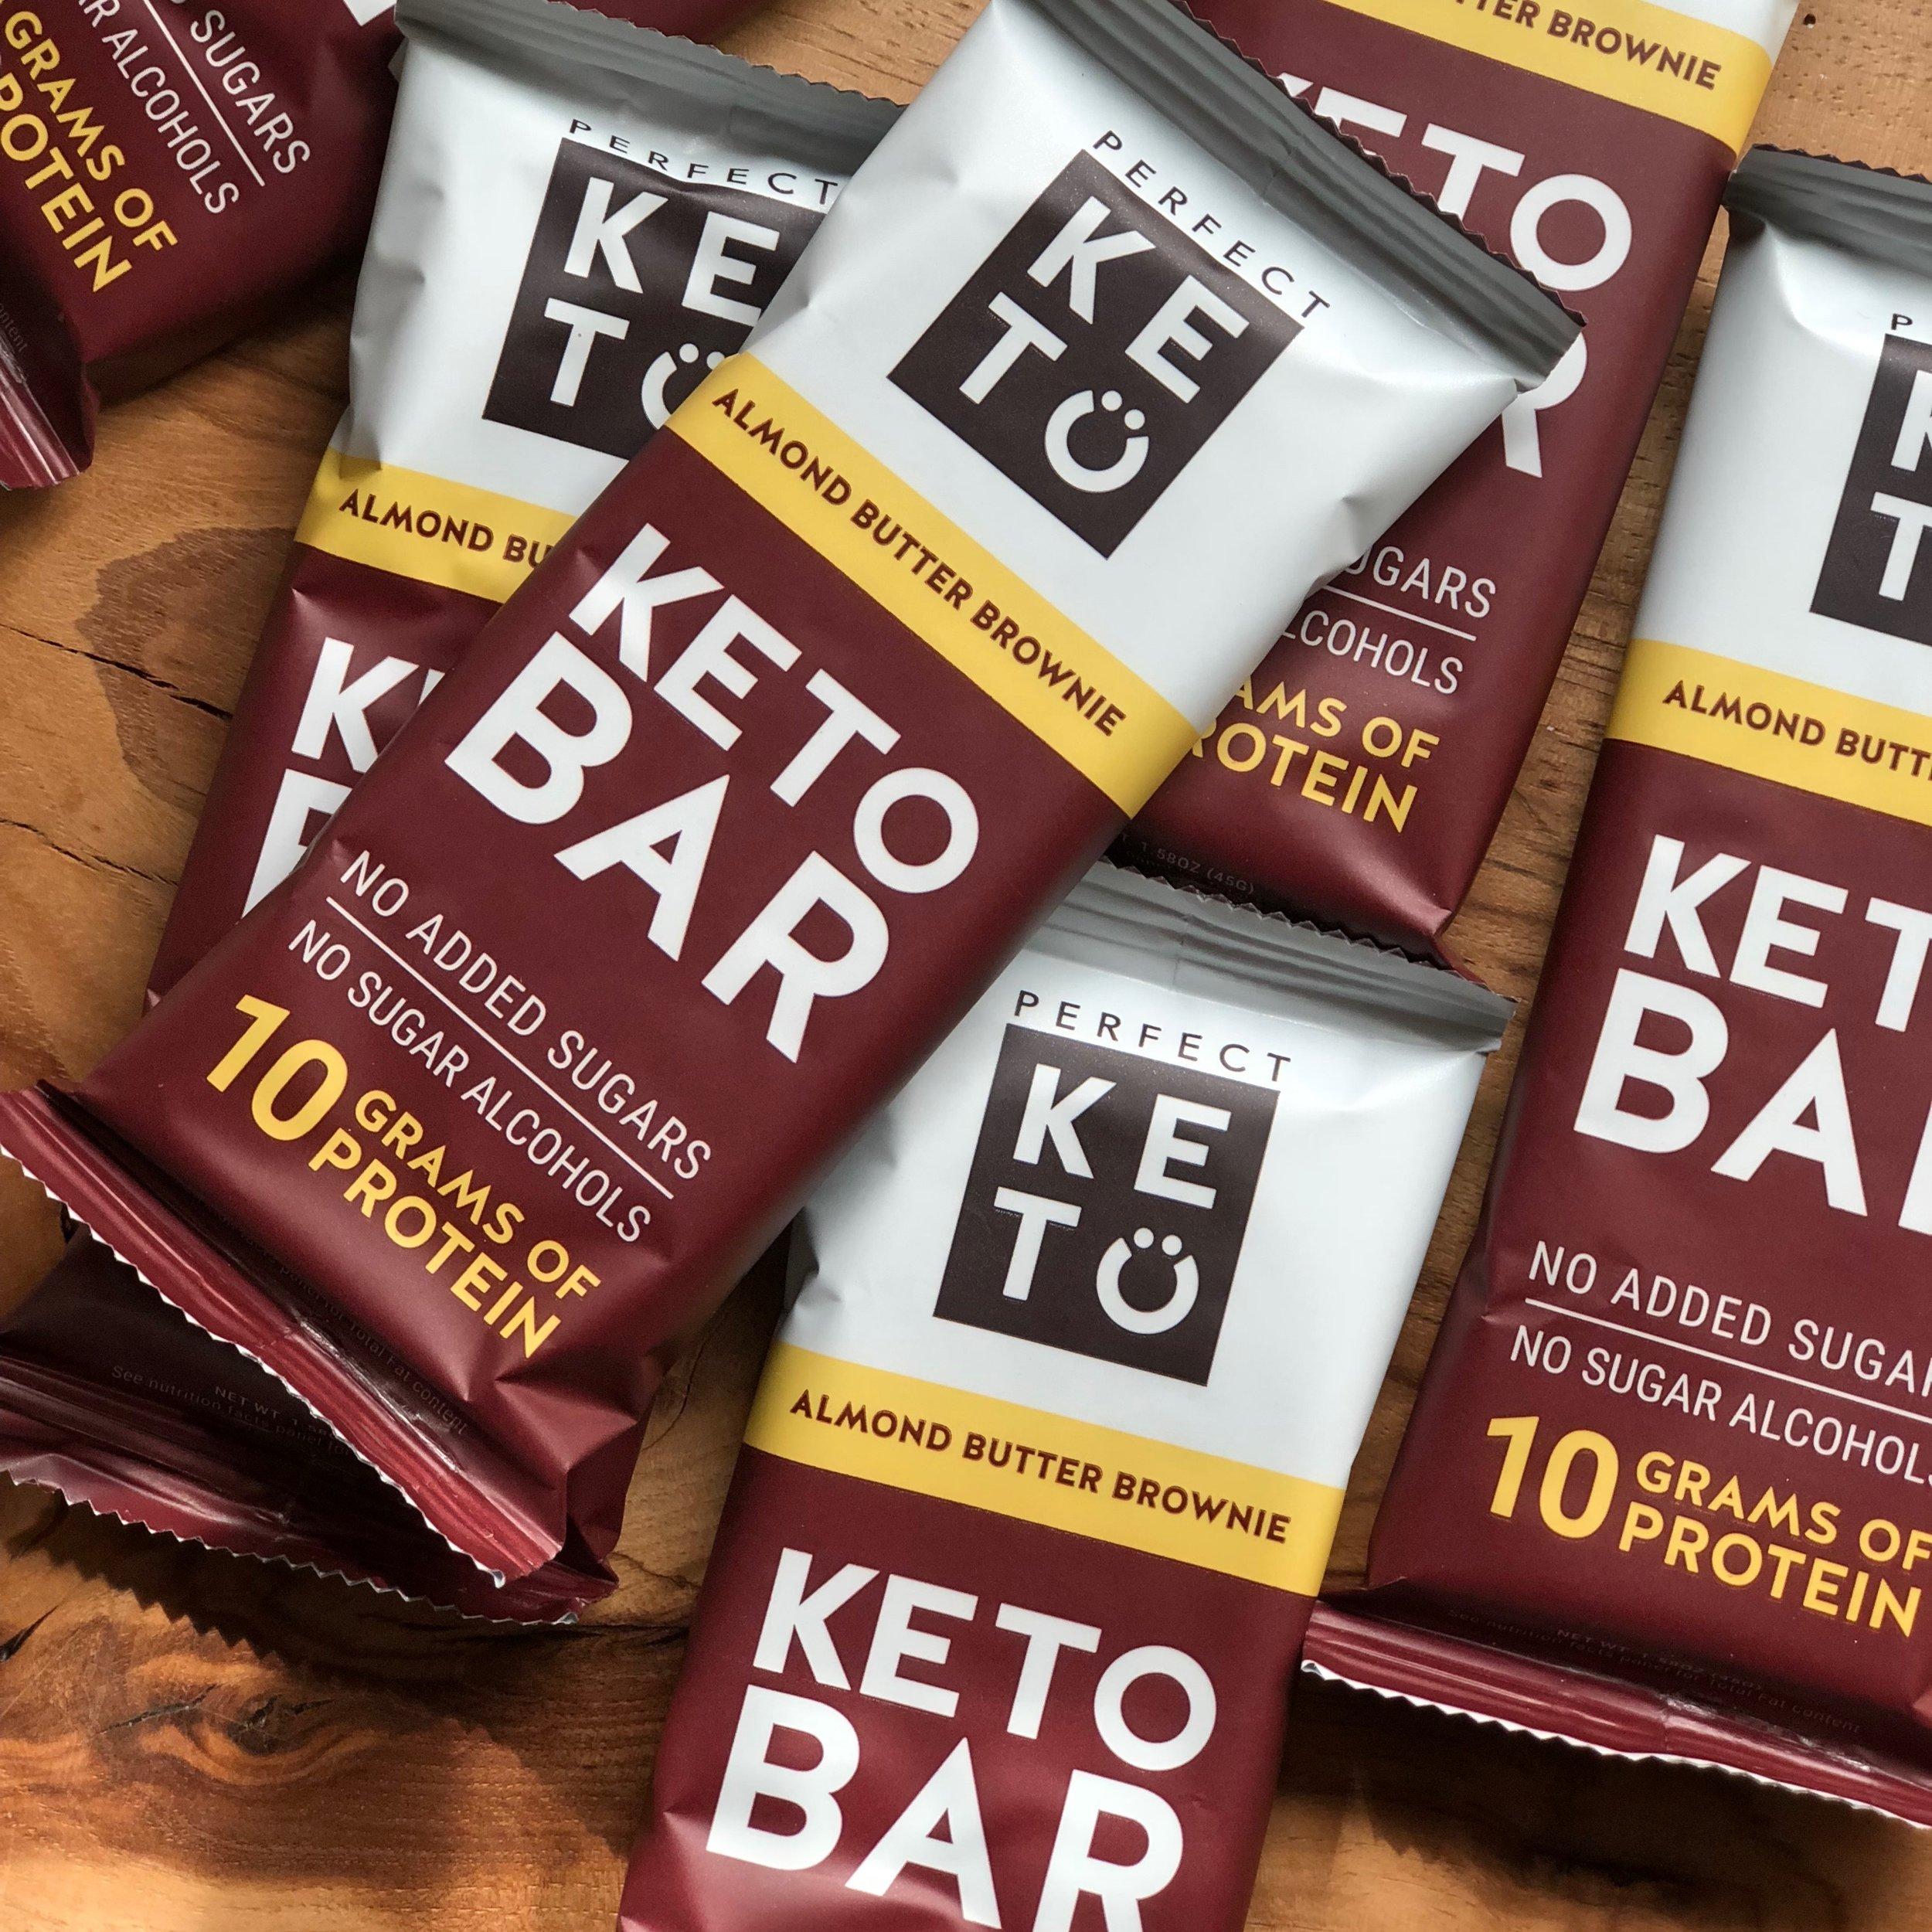 Perfect Keto Bars keto in the city